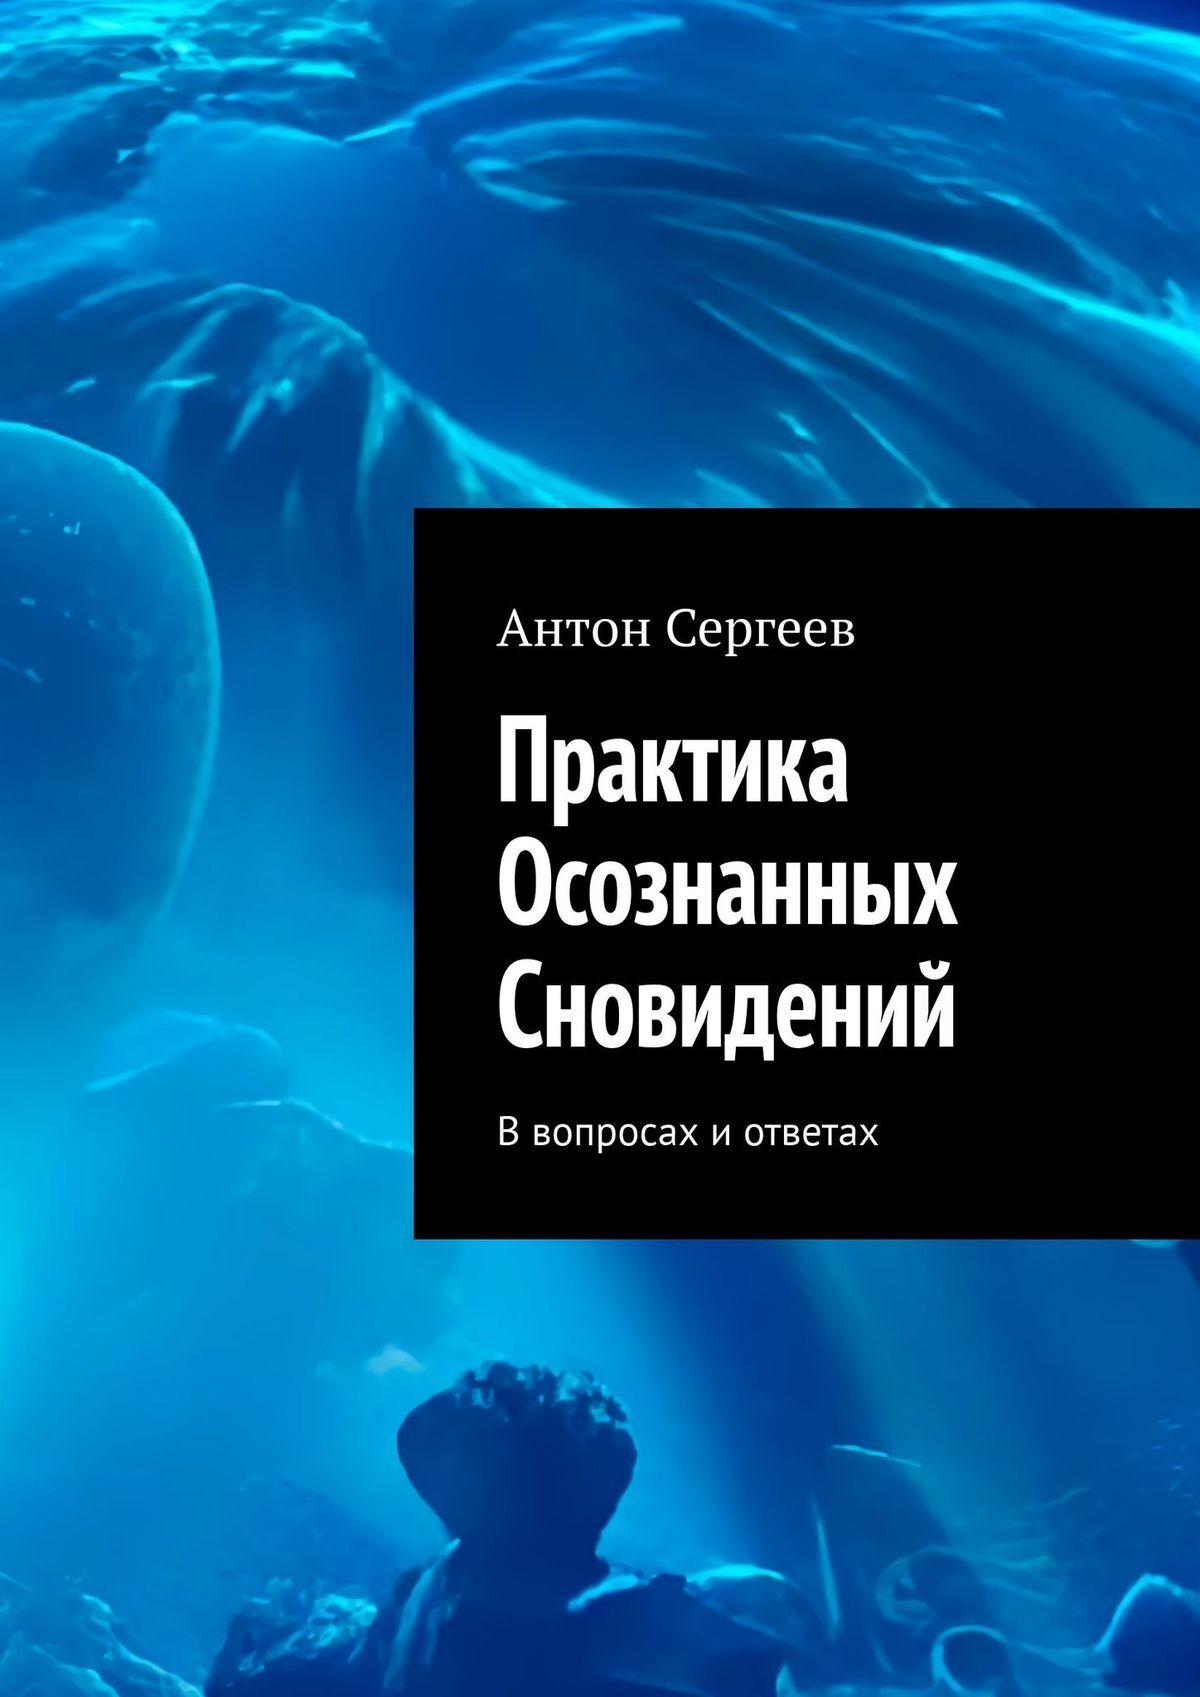 Антон Сергеев Культ юности: Книга осознанных сновидений